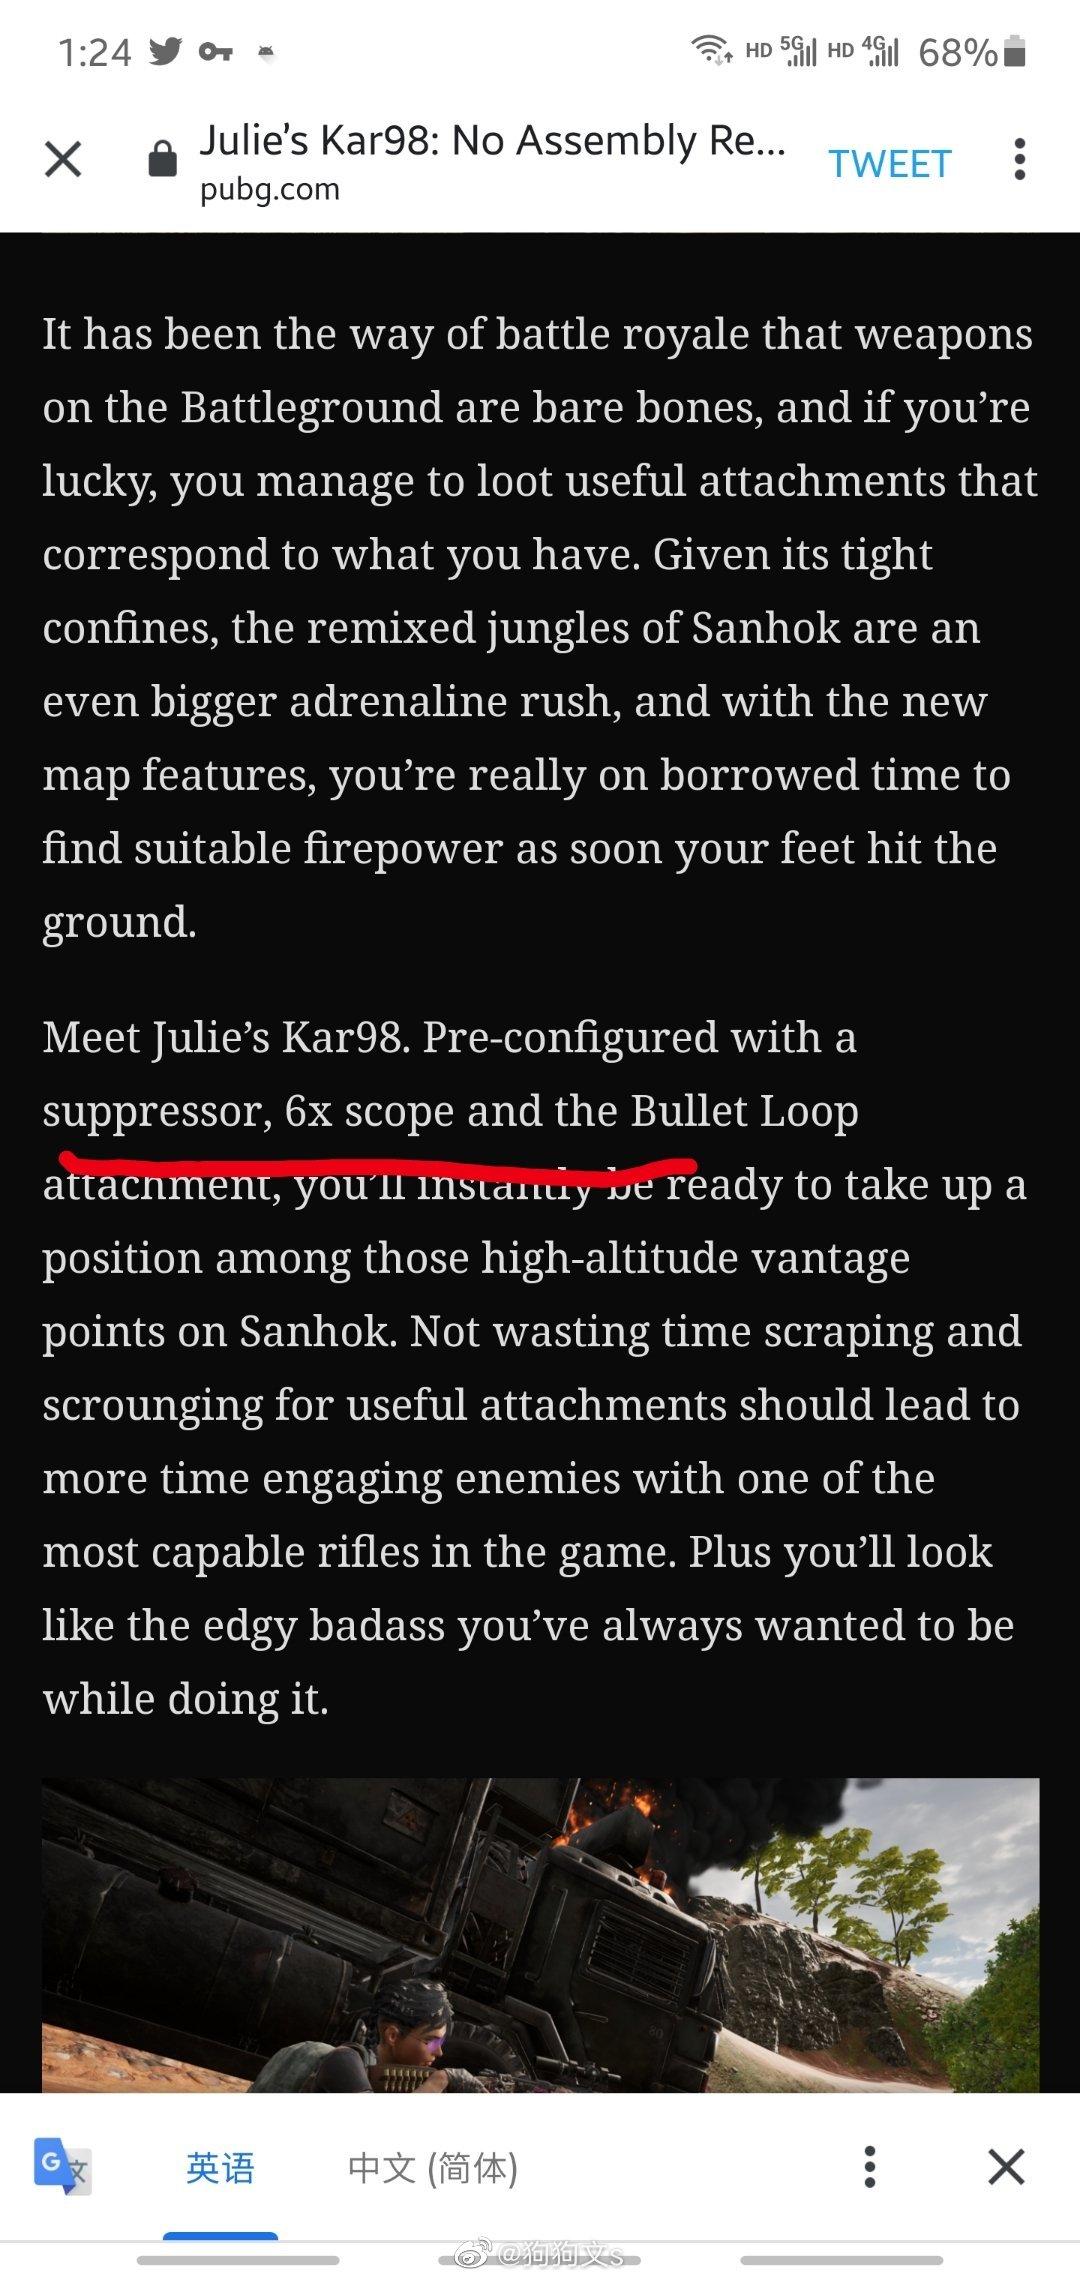 新载具被打爆之后会掉落一把满配的朱莉98K,带6倍镜和消音子弹袋